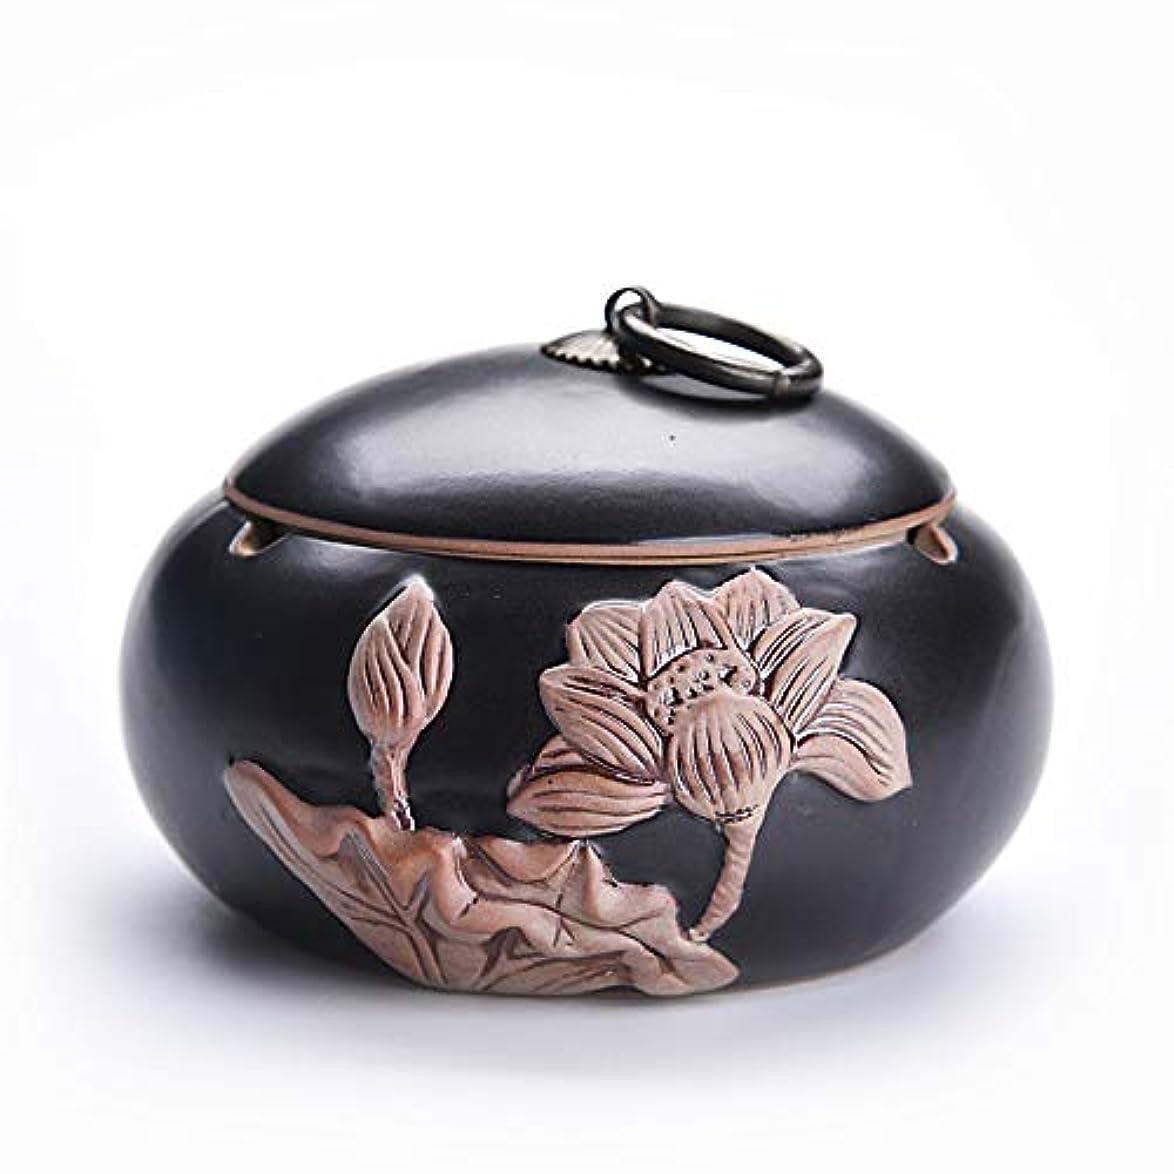 ポスト印象派楽しい航海中国のレトロな創造的な鍋形セラミック灰皿ふた付き